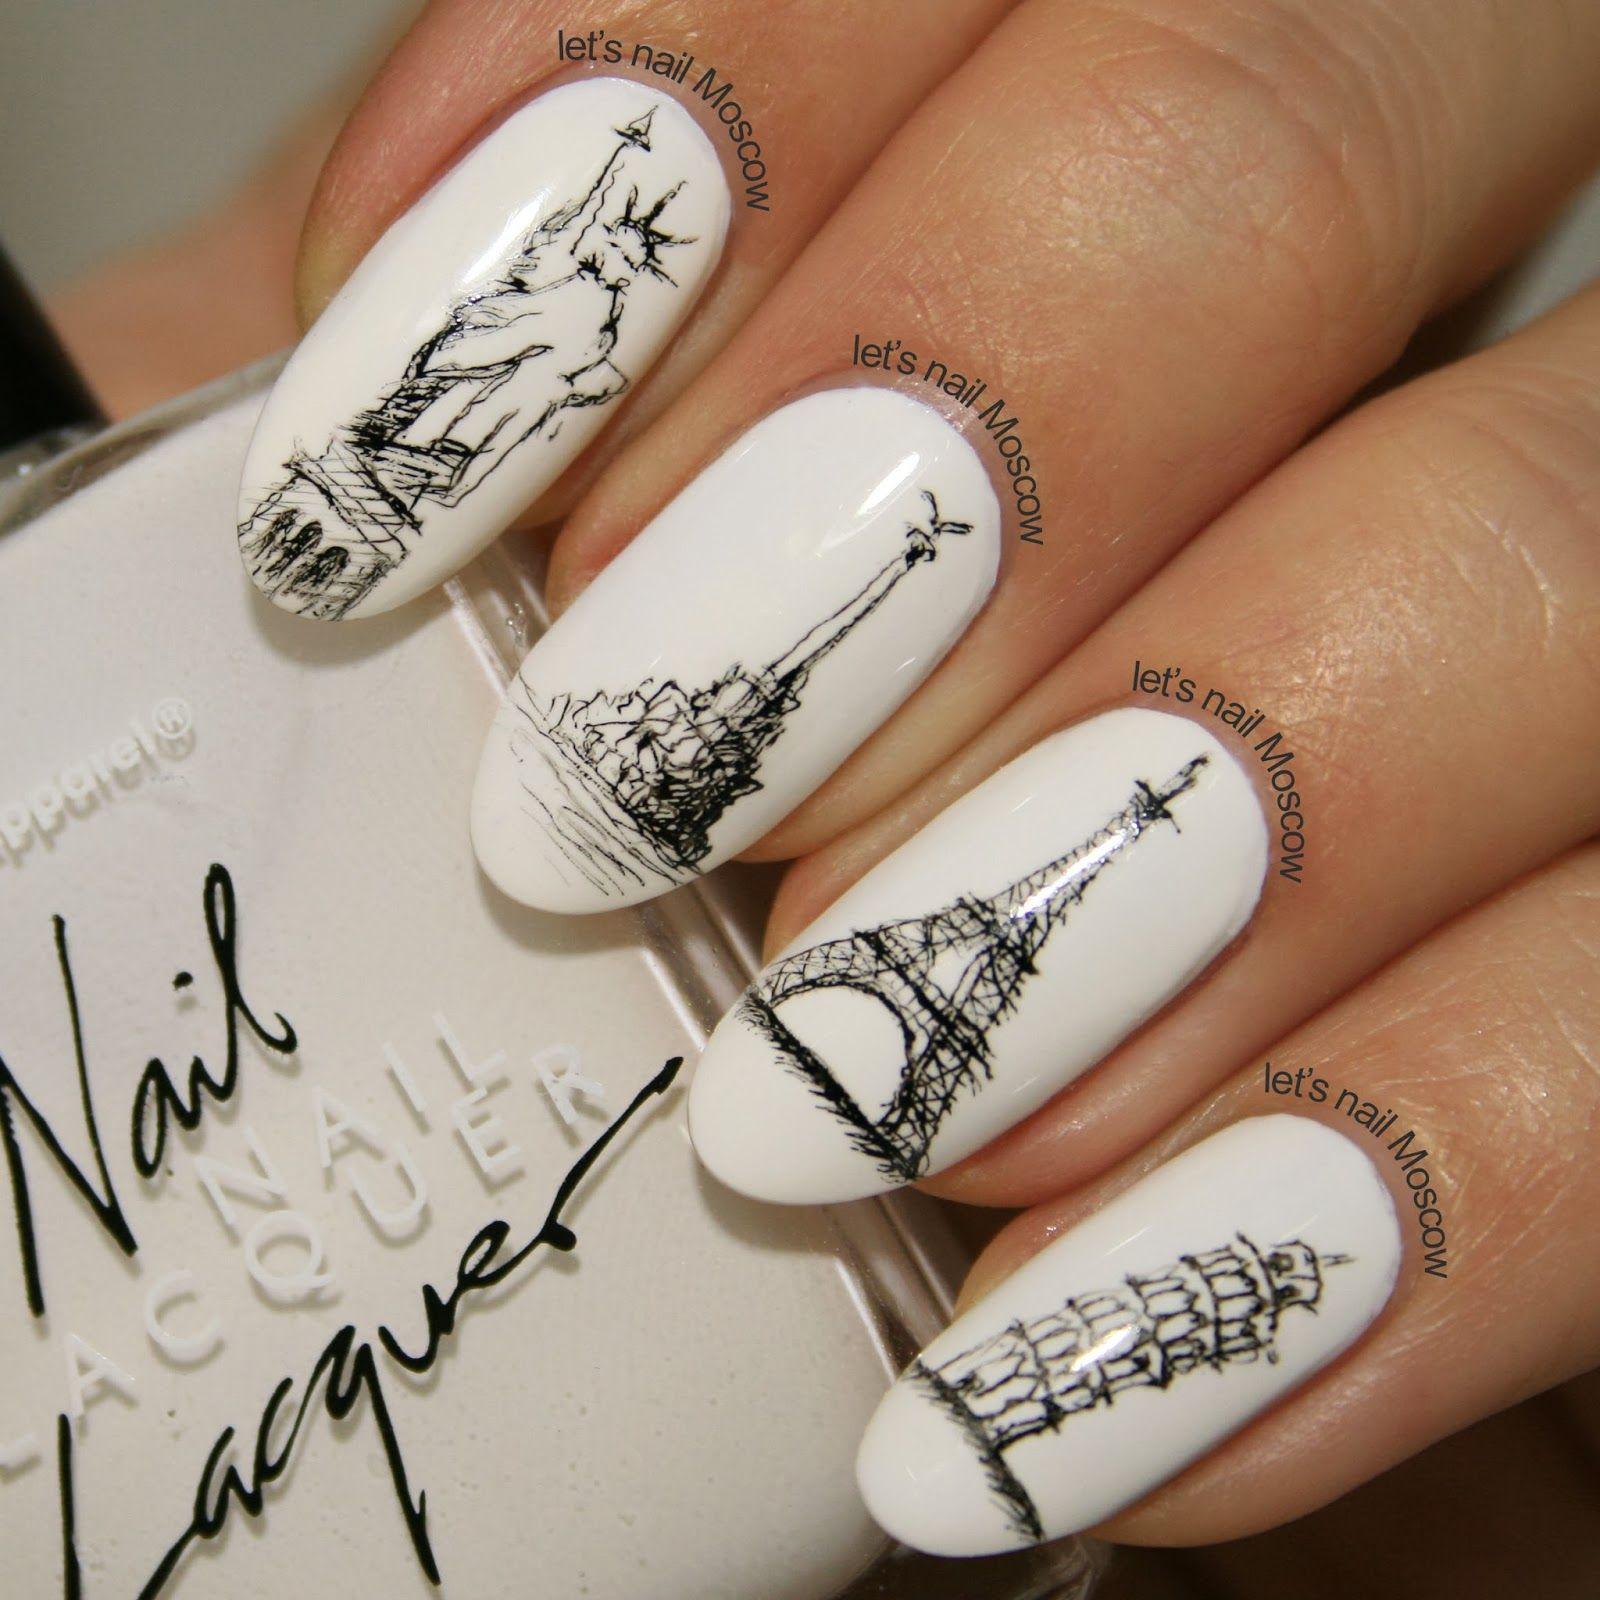 греты дизайн ногтей картинки парижа полыннолистная, опасный